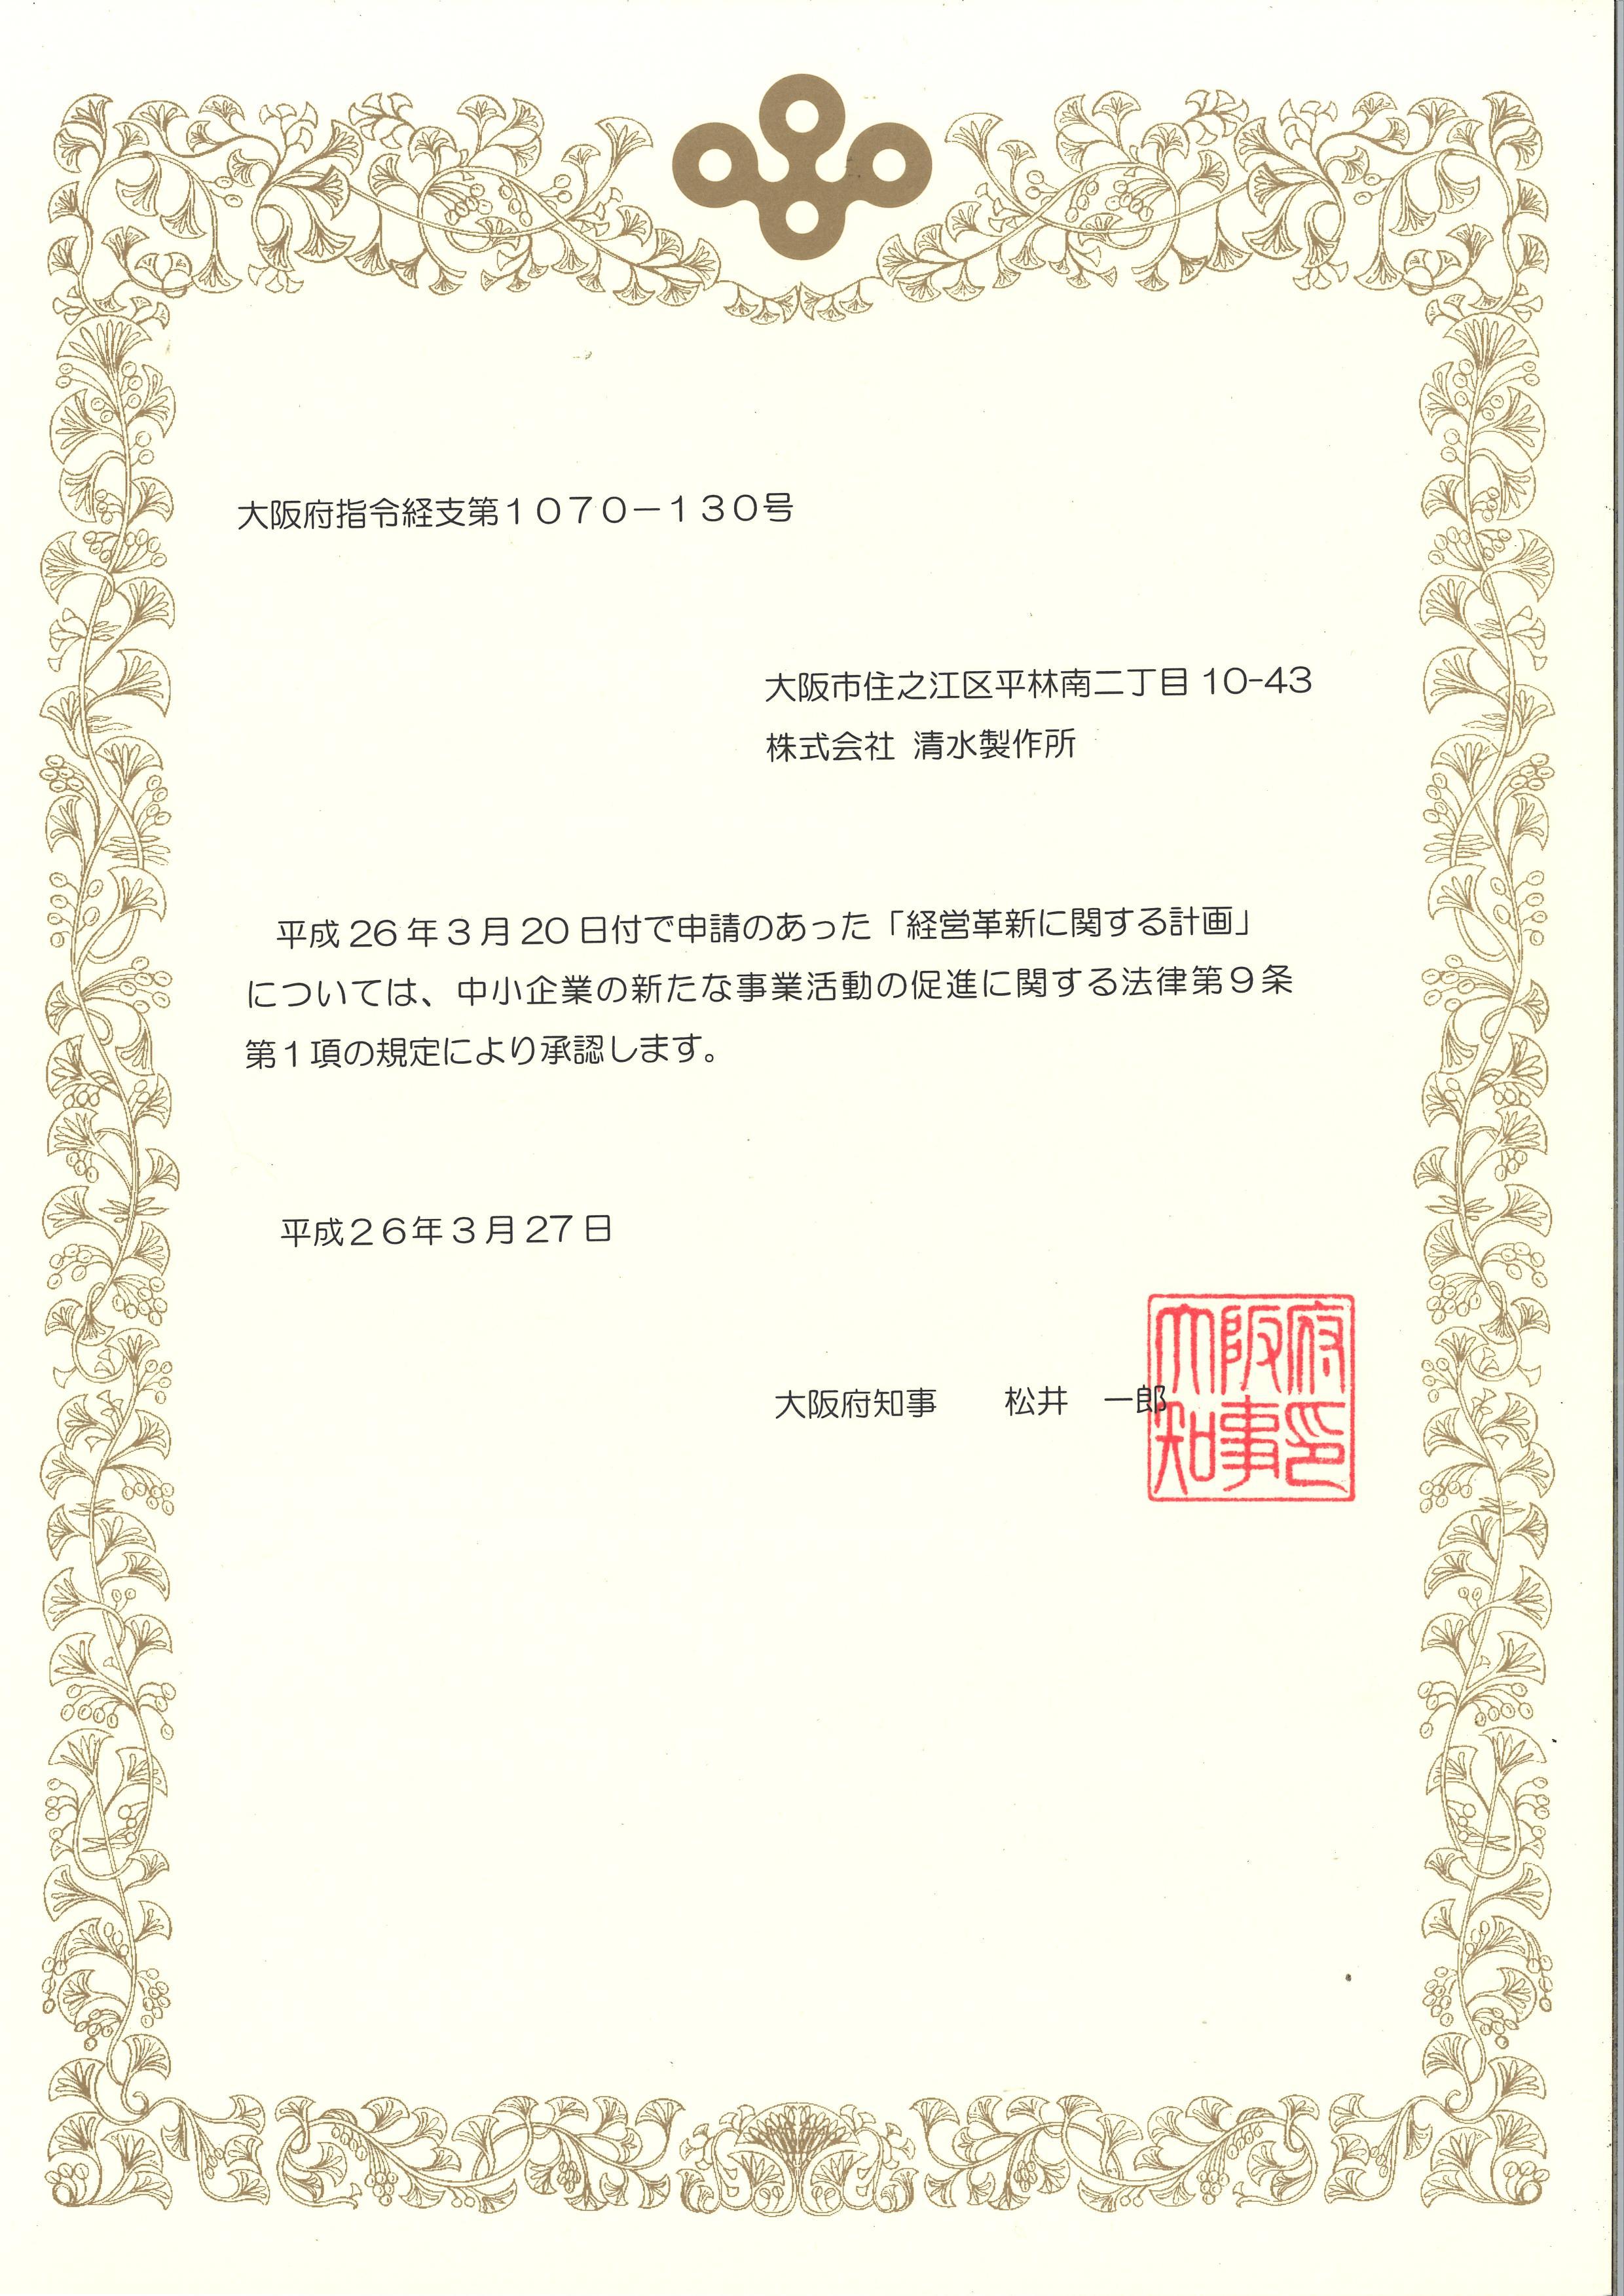 大阪府の経営革新計画の承認を受けました。